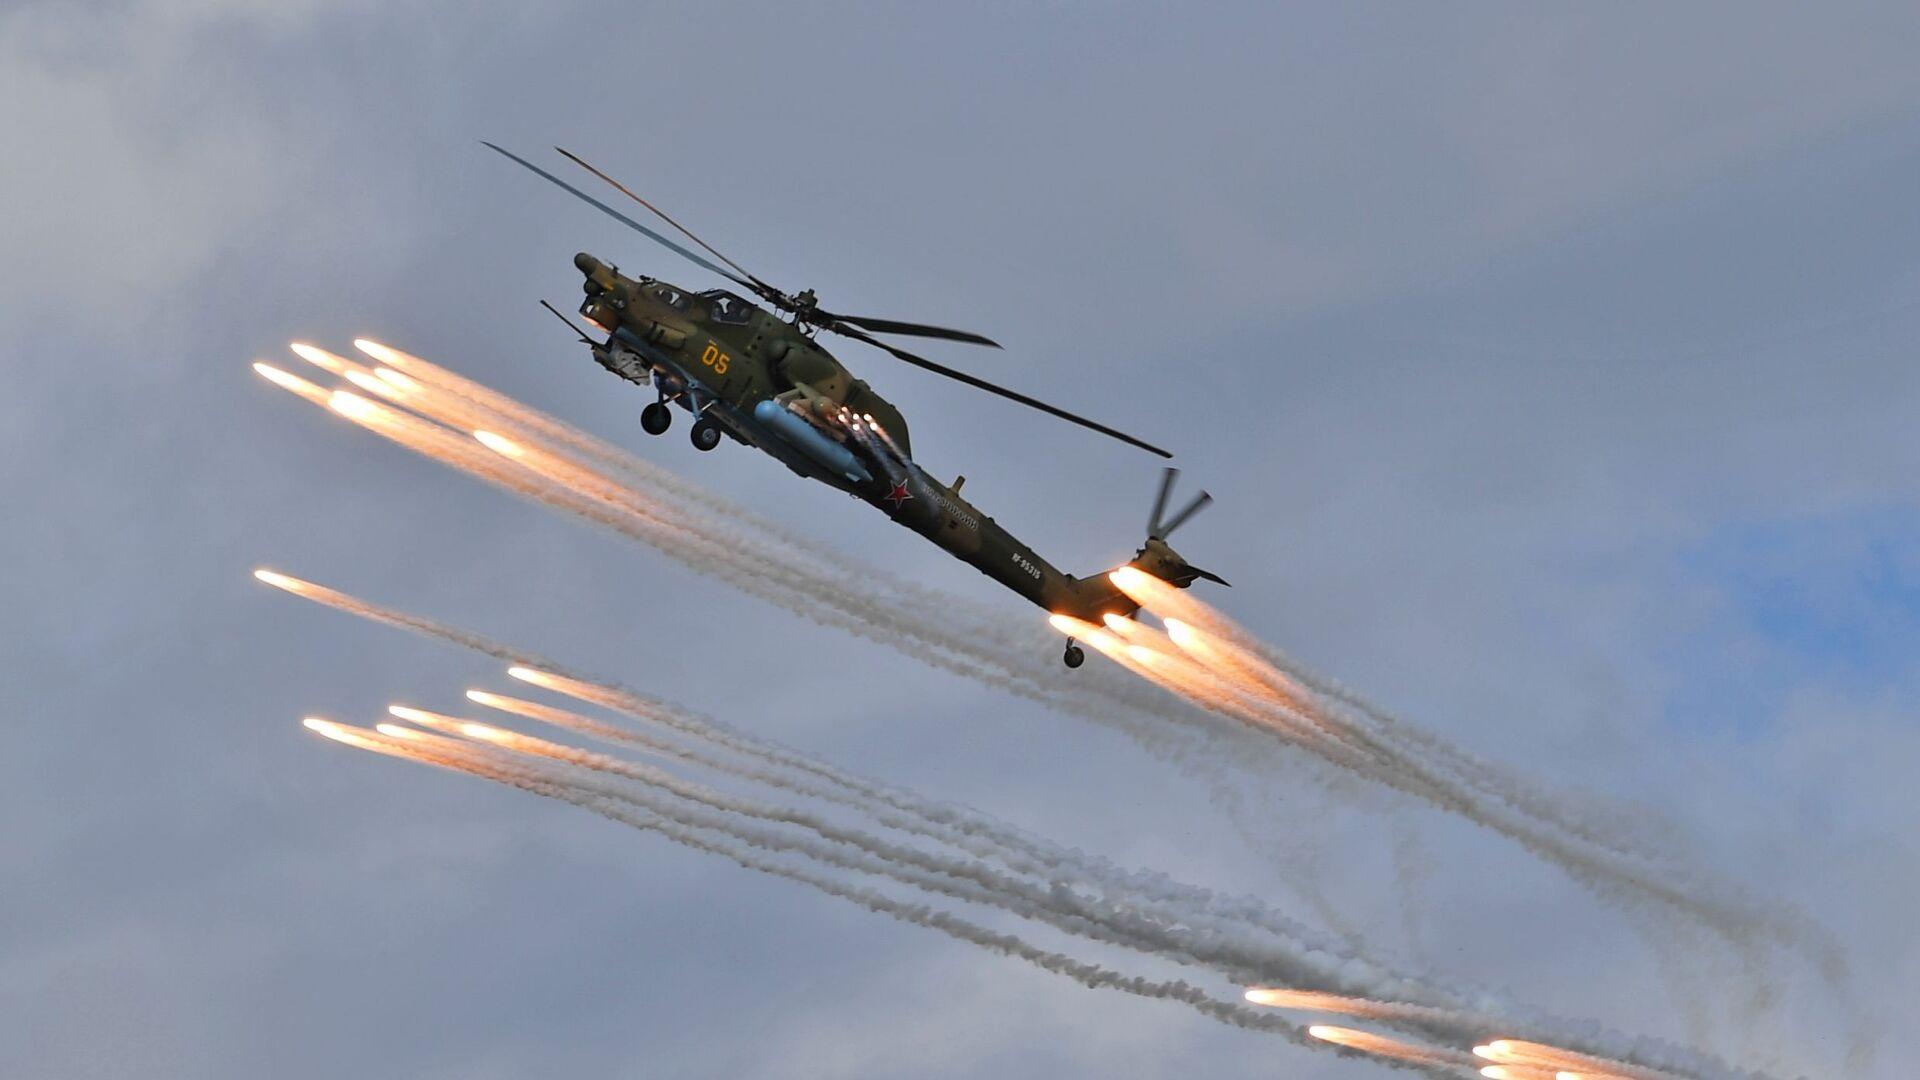 """Helikopter Mi-28N """"Noćni lovac"""" pilotske grupe """"Berkuti"""" (Zlatni orlovi) na avio-spektaklu u čast Dana pobede na aerodromu Kubinka - Sputnik Srbija, 1920, 27.08.2021"""